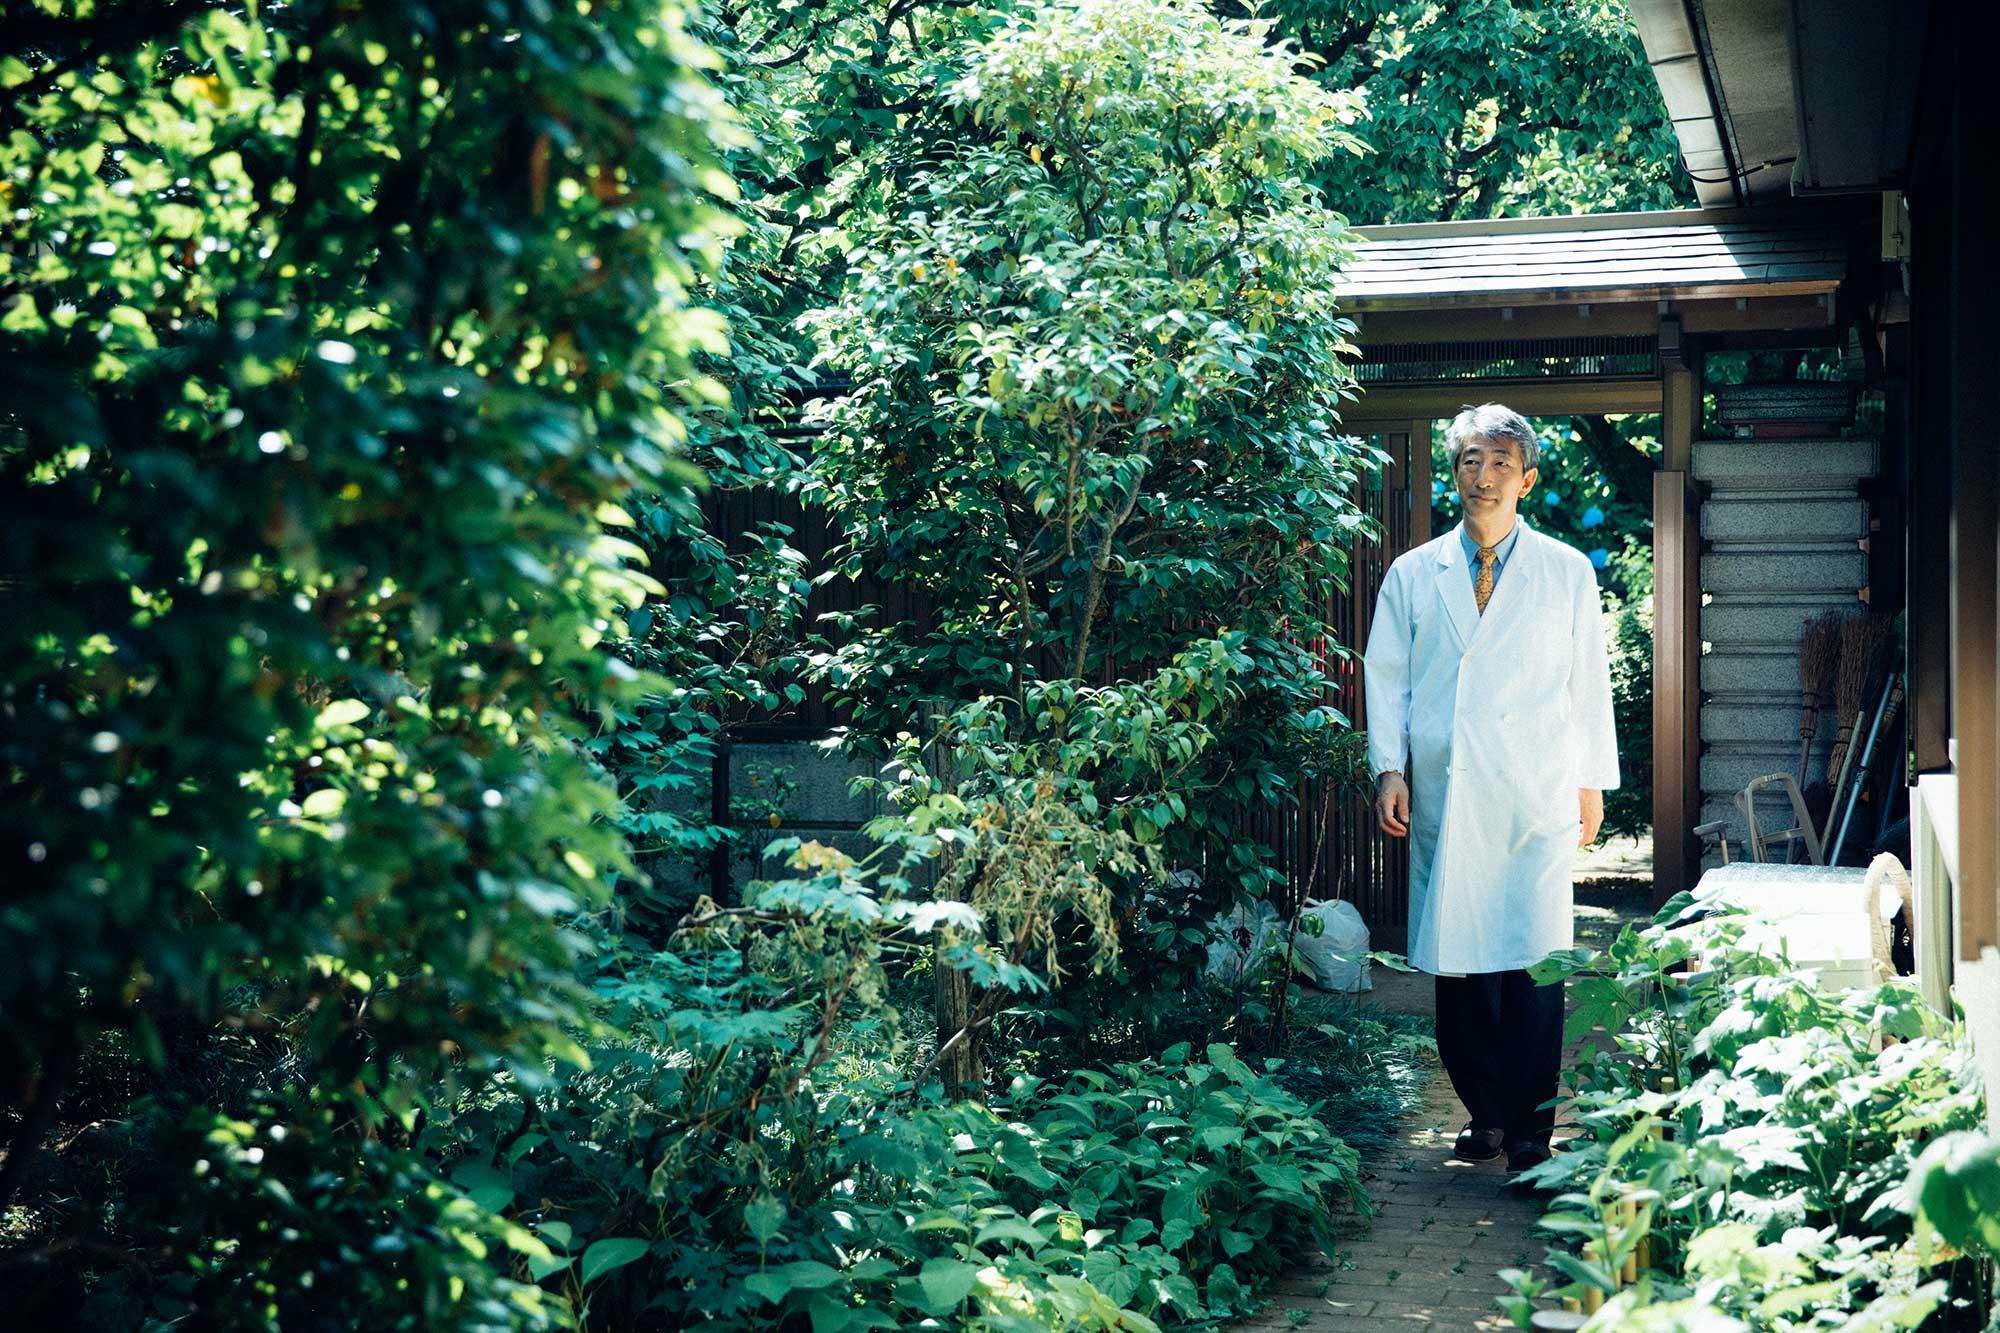 緑に包まれた大塚医院の庭で。「この雰囲気が好きと言ってくださる患者さんは多いです」